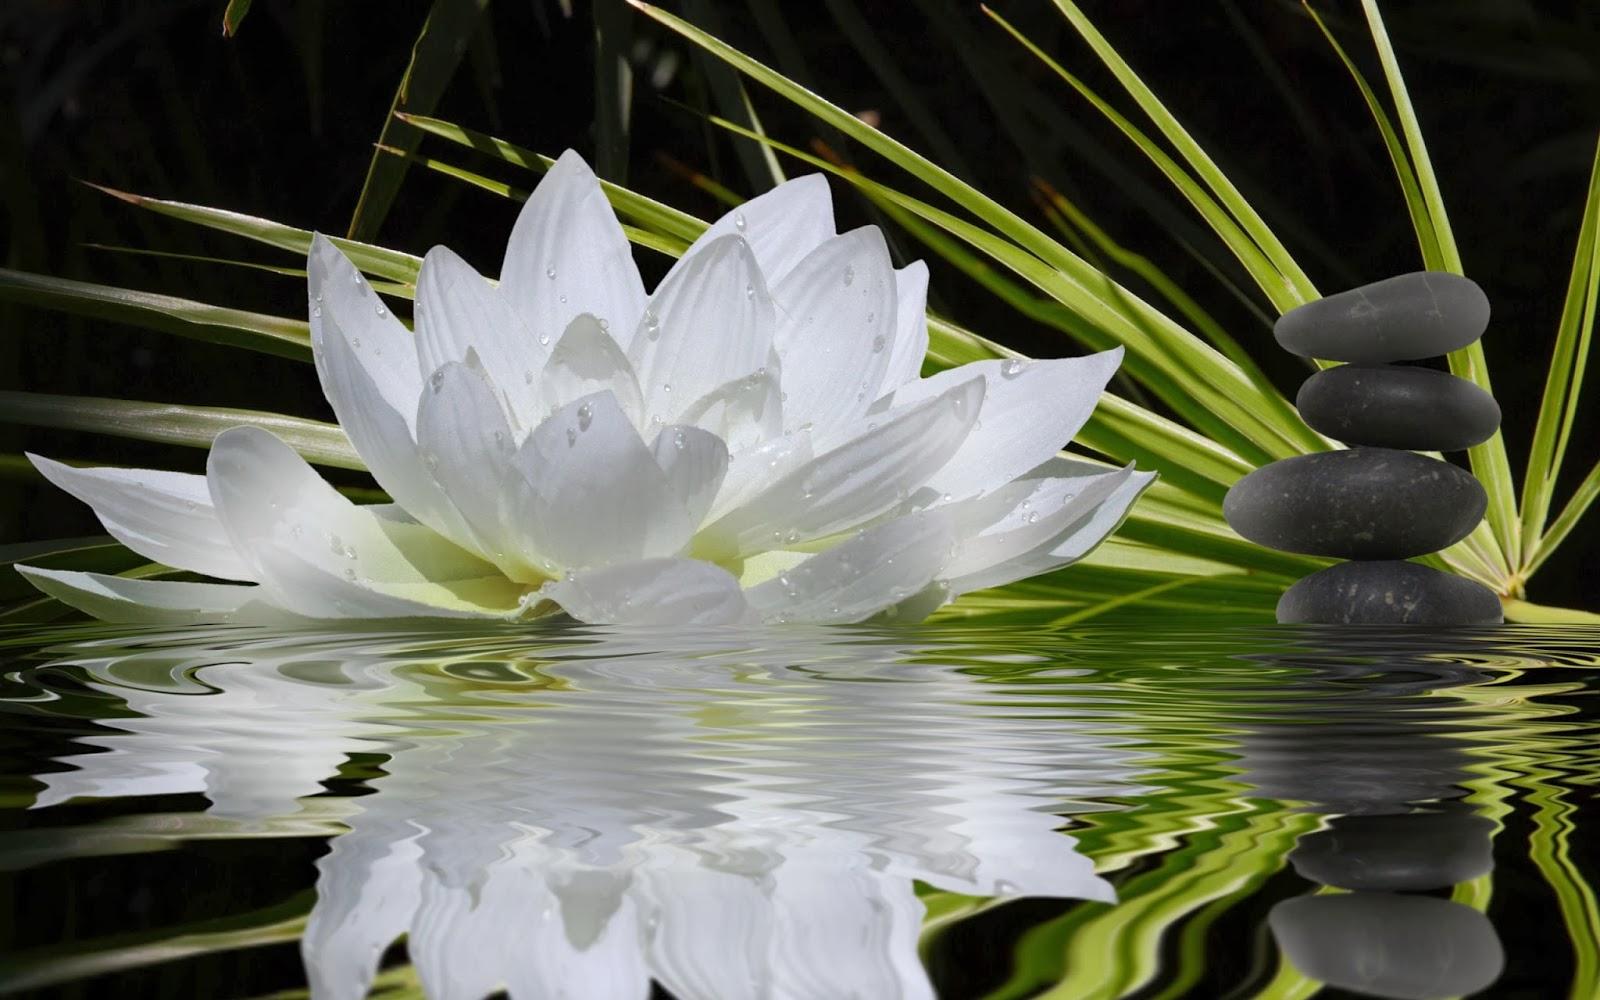 Flores de Loto Blancas y Lirios de Agua Blancos